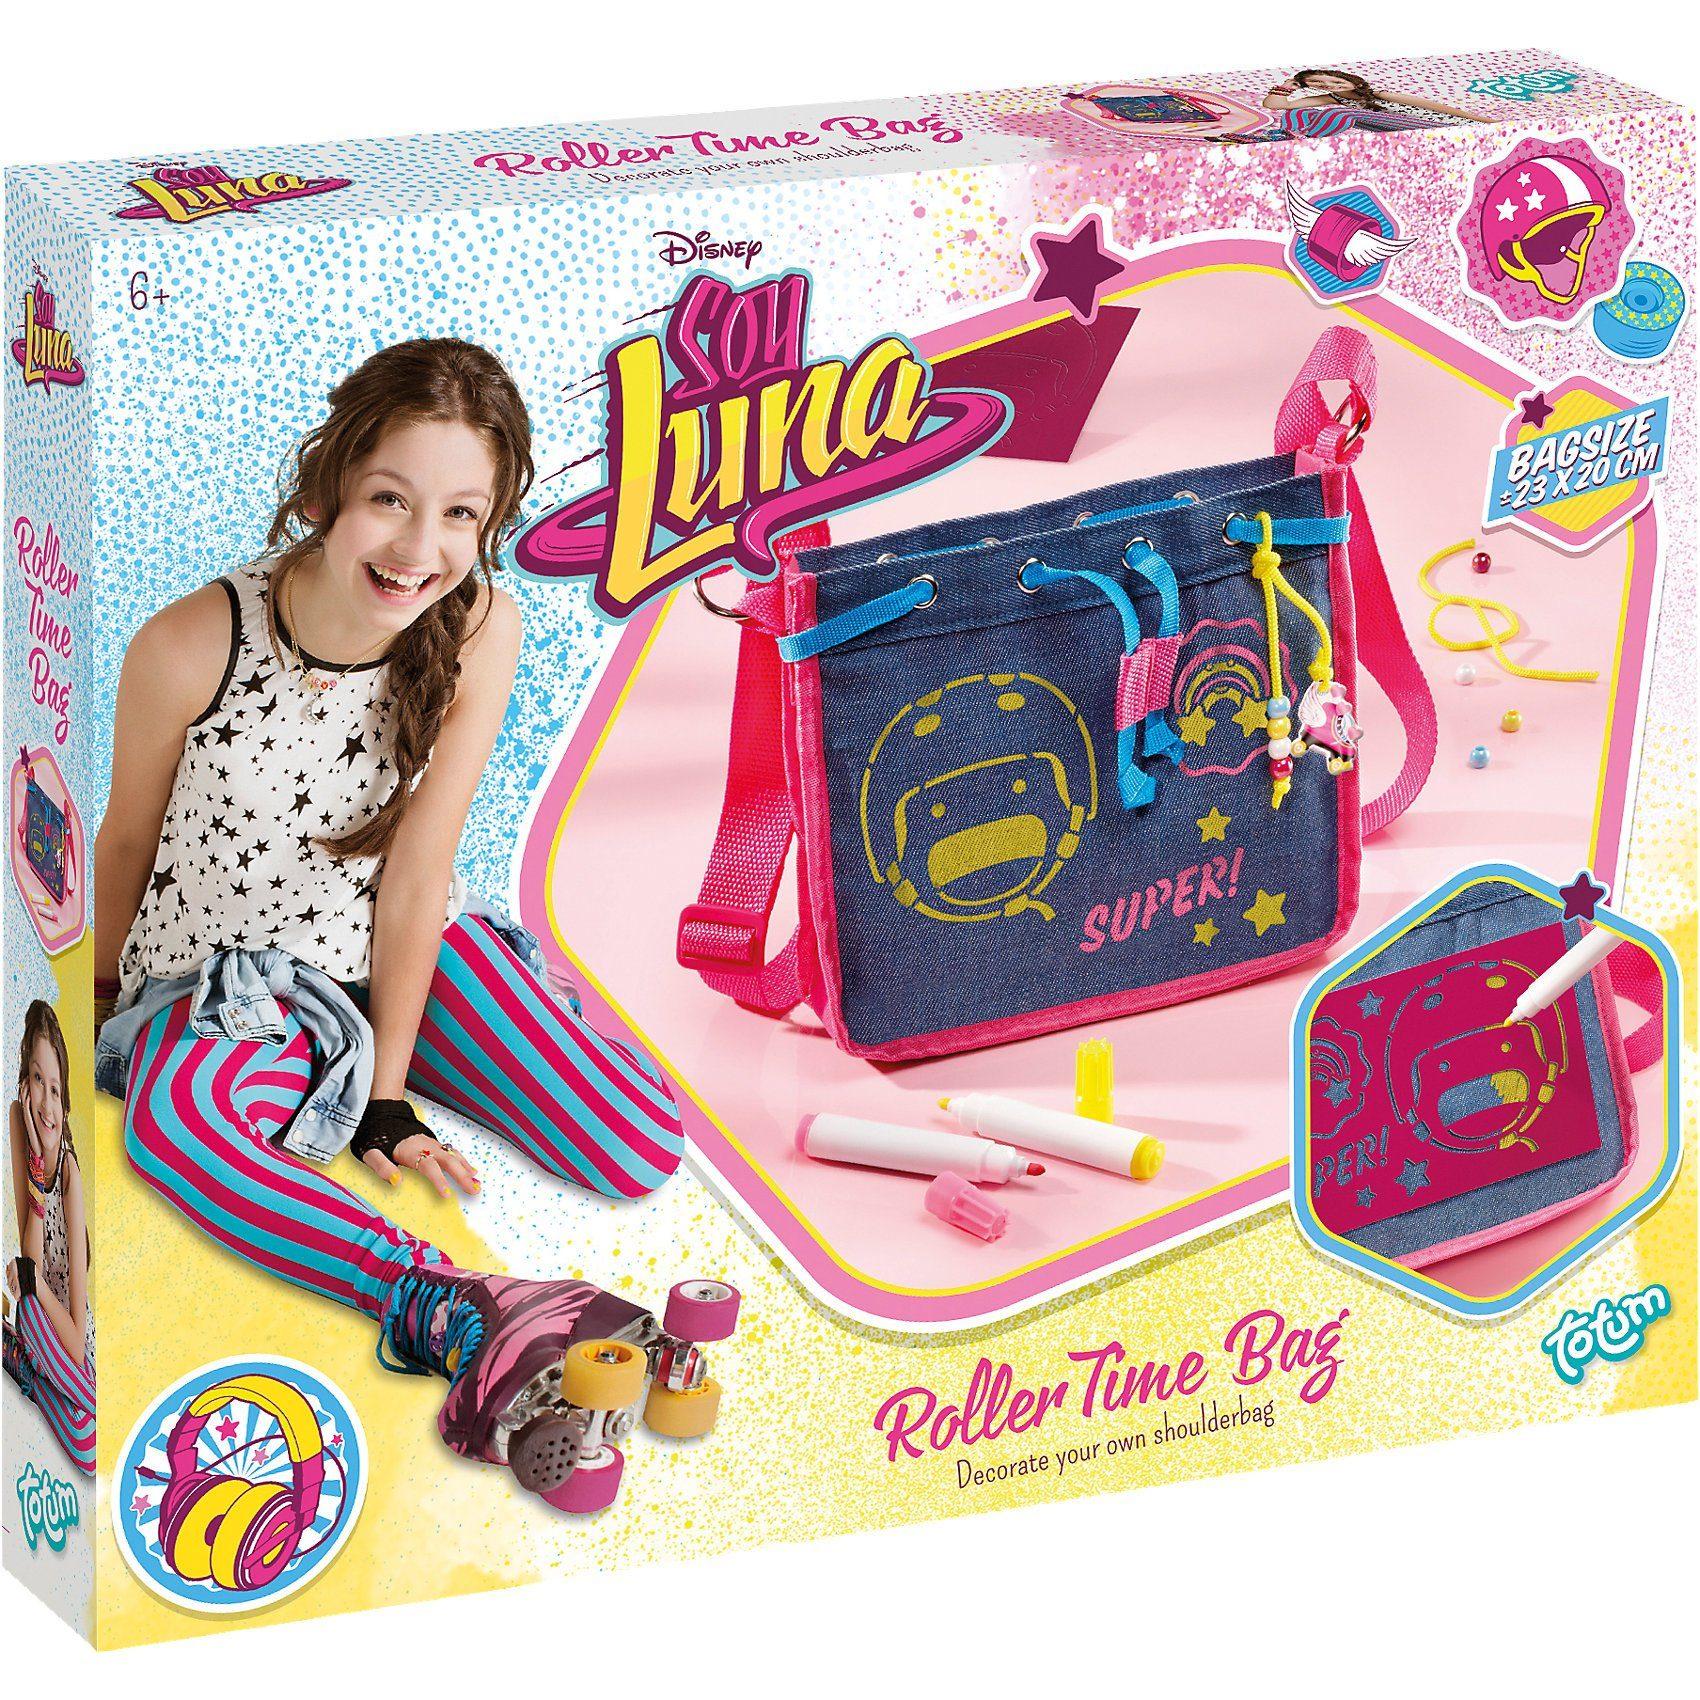 TOTUM Soy Luna Roller Time Umhängetasche